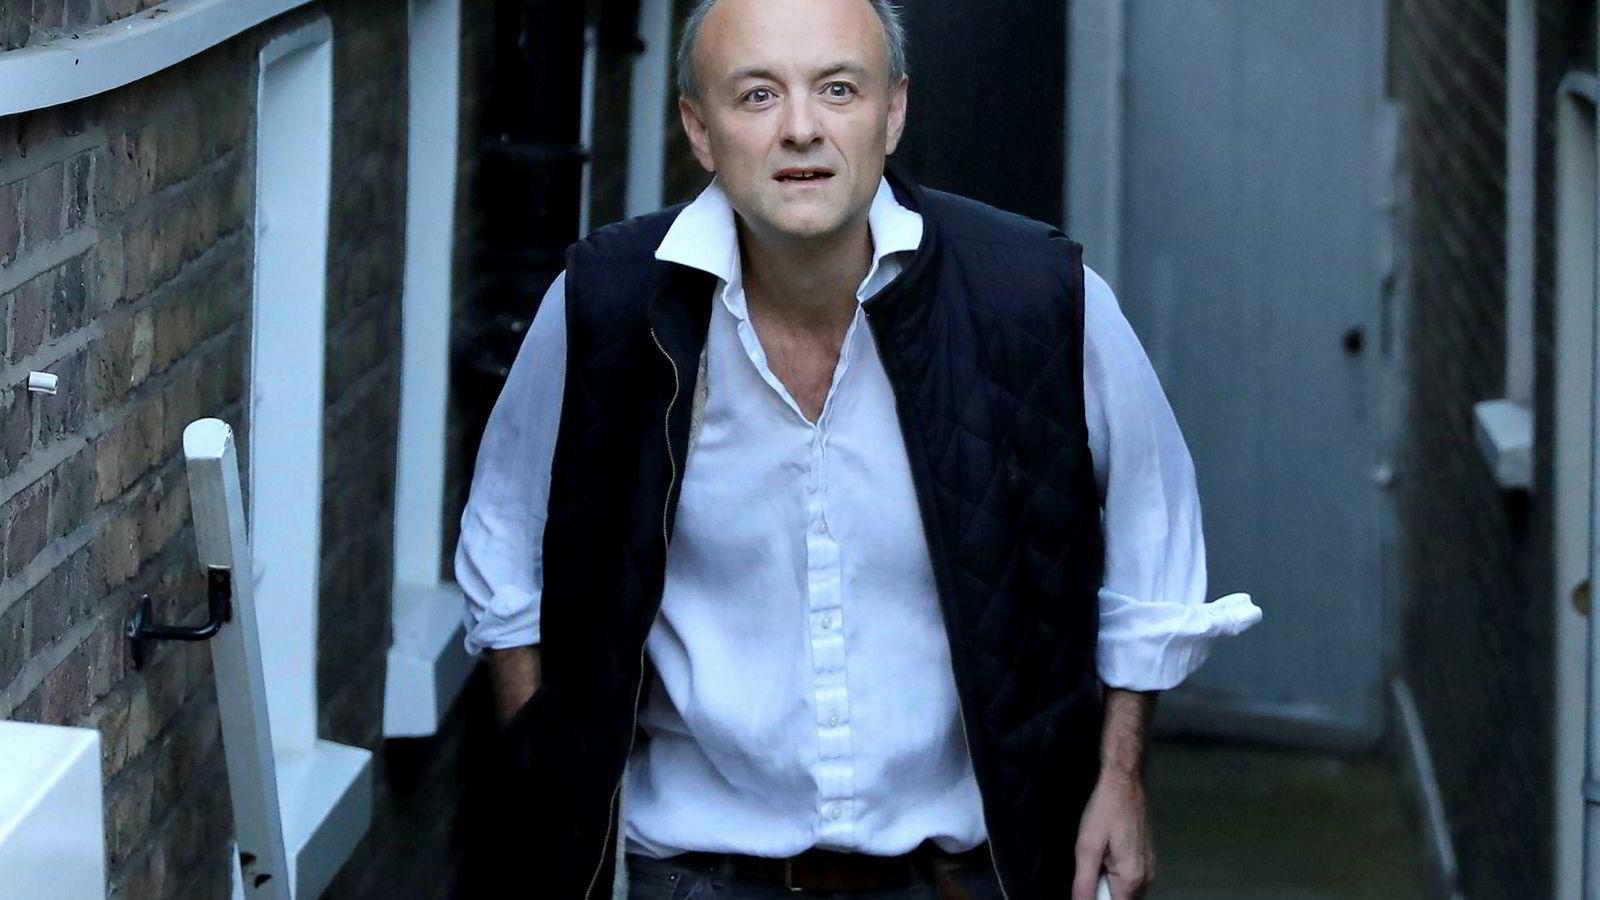 Makten bak tronen? Statsminister Boris Johnsons brexit-rådgiver, Dominic Cummings, har ledet regjeringens harde kamp for utmarsj fra EU 31. oktober. Han kan ha overspilt.